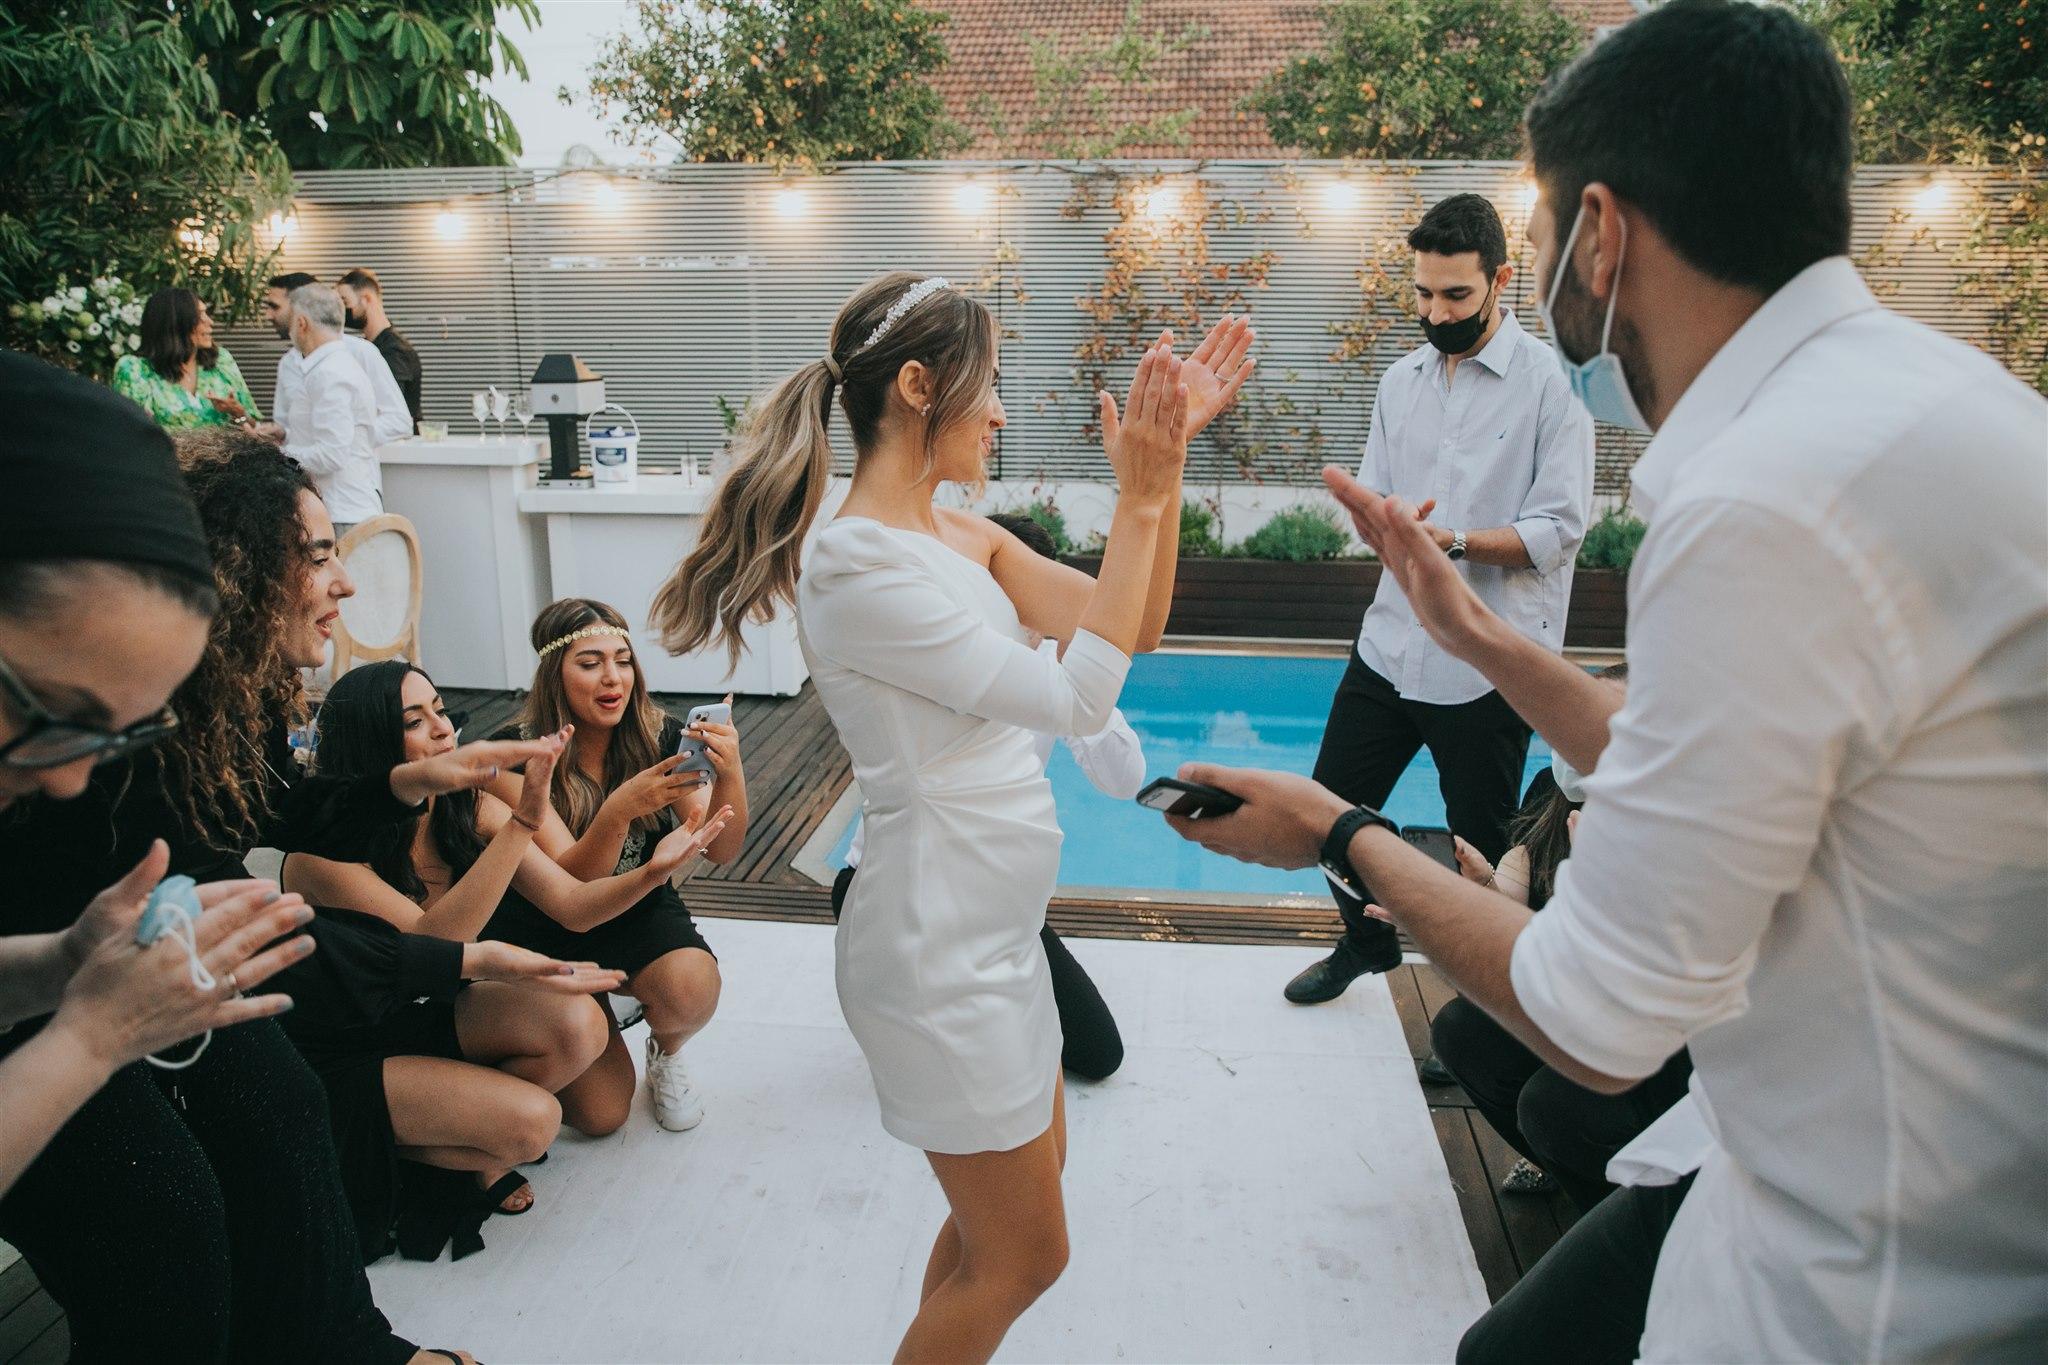 עיצוב נקי עם נוכחות גדולה: חתונה קטנה שיש בה הכול